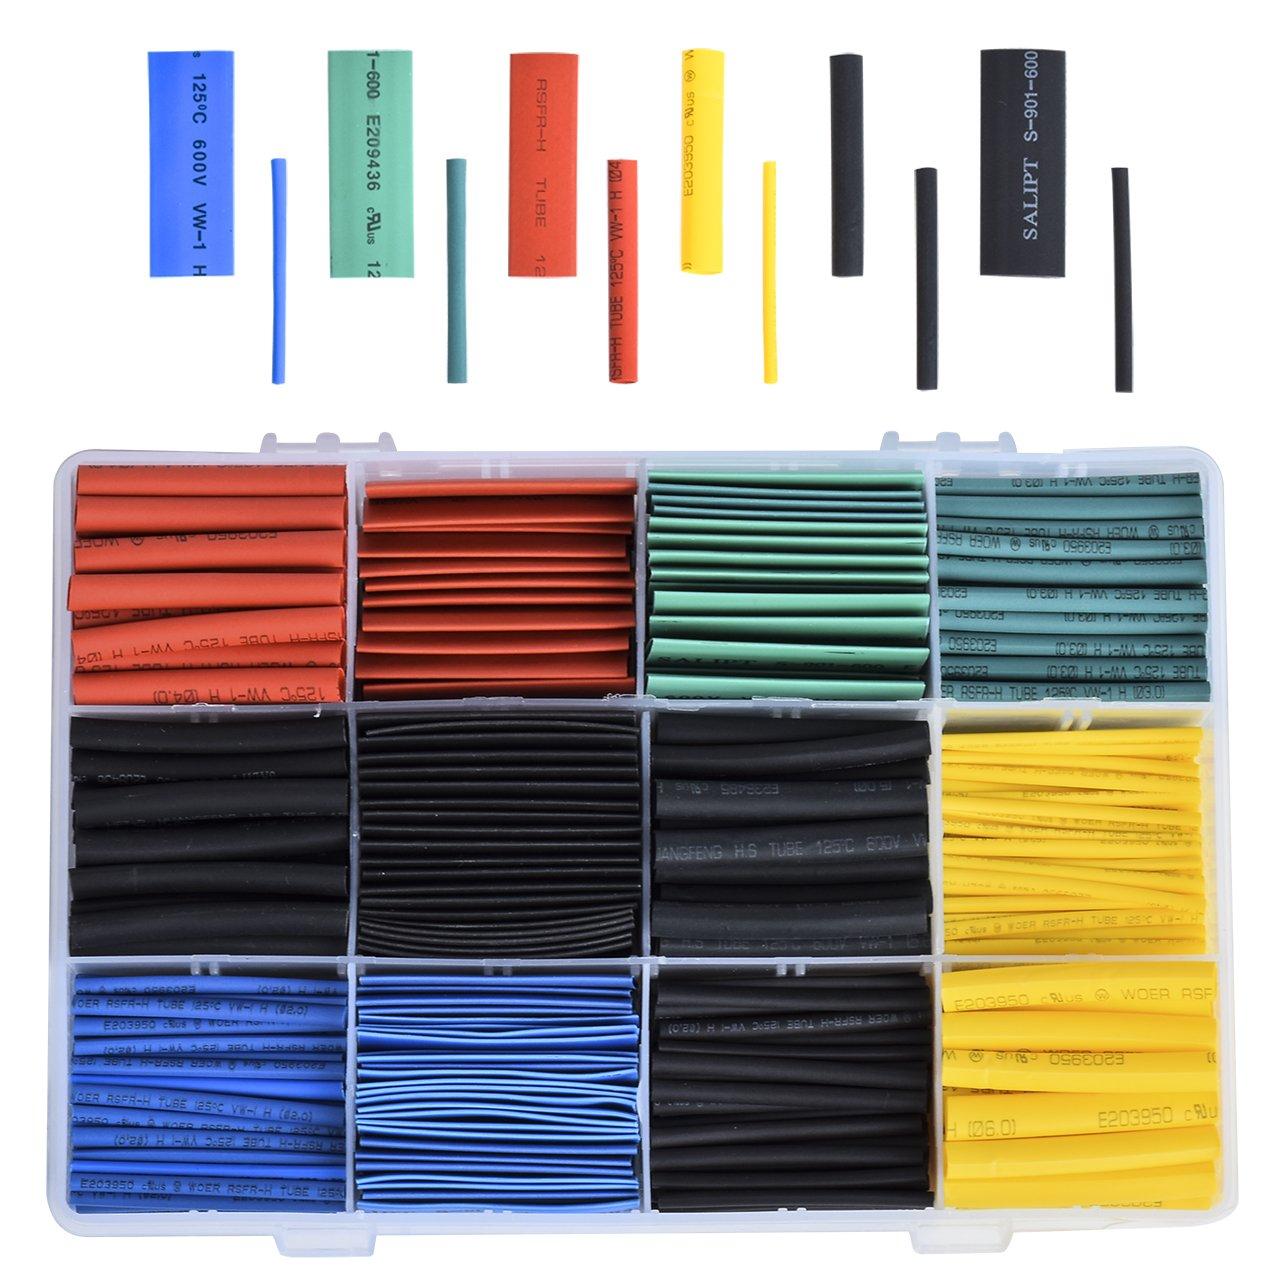 DEDC 530 pezzi Tubo Termoretraibile Assortiti 2:1 per Cavi Elettrici Heat Shrink Car Electrical Wire Tubo Termorestringente in Scatola 5 colori 8 Taglia 45mm B4L3LGFU